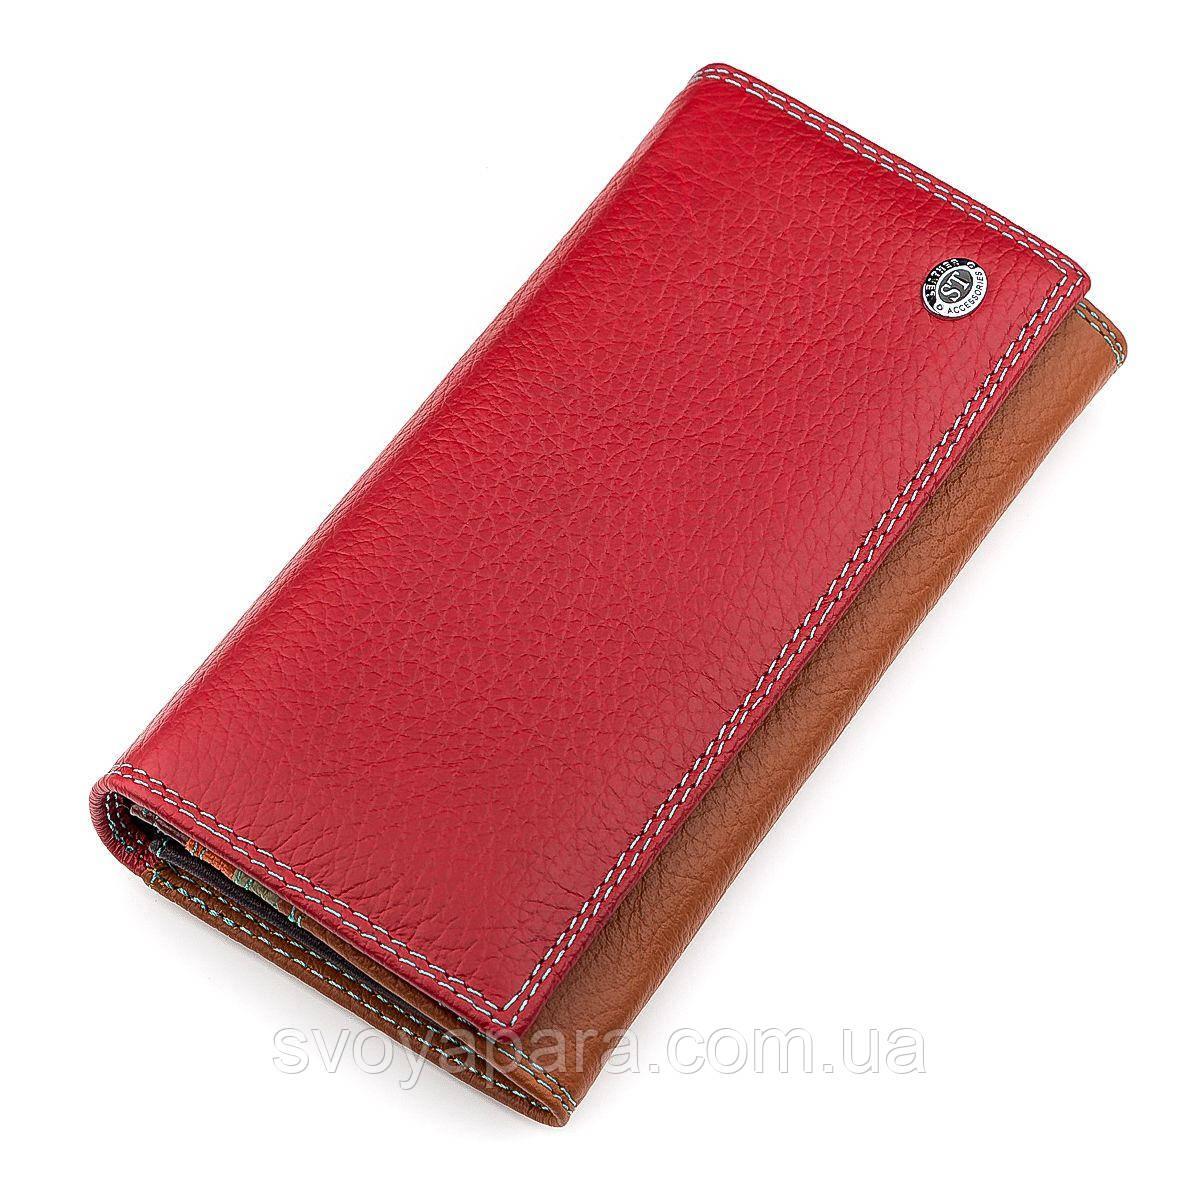 Кошелек женский ST Leather 18302 (SB634) кожаный Красный